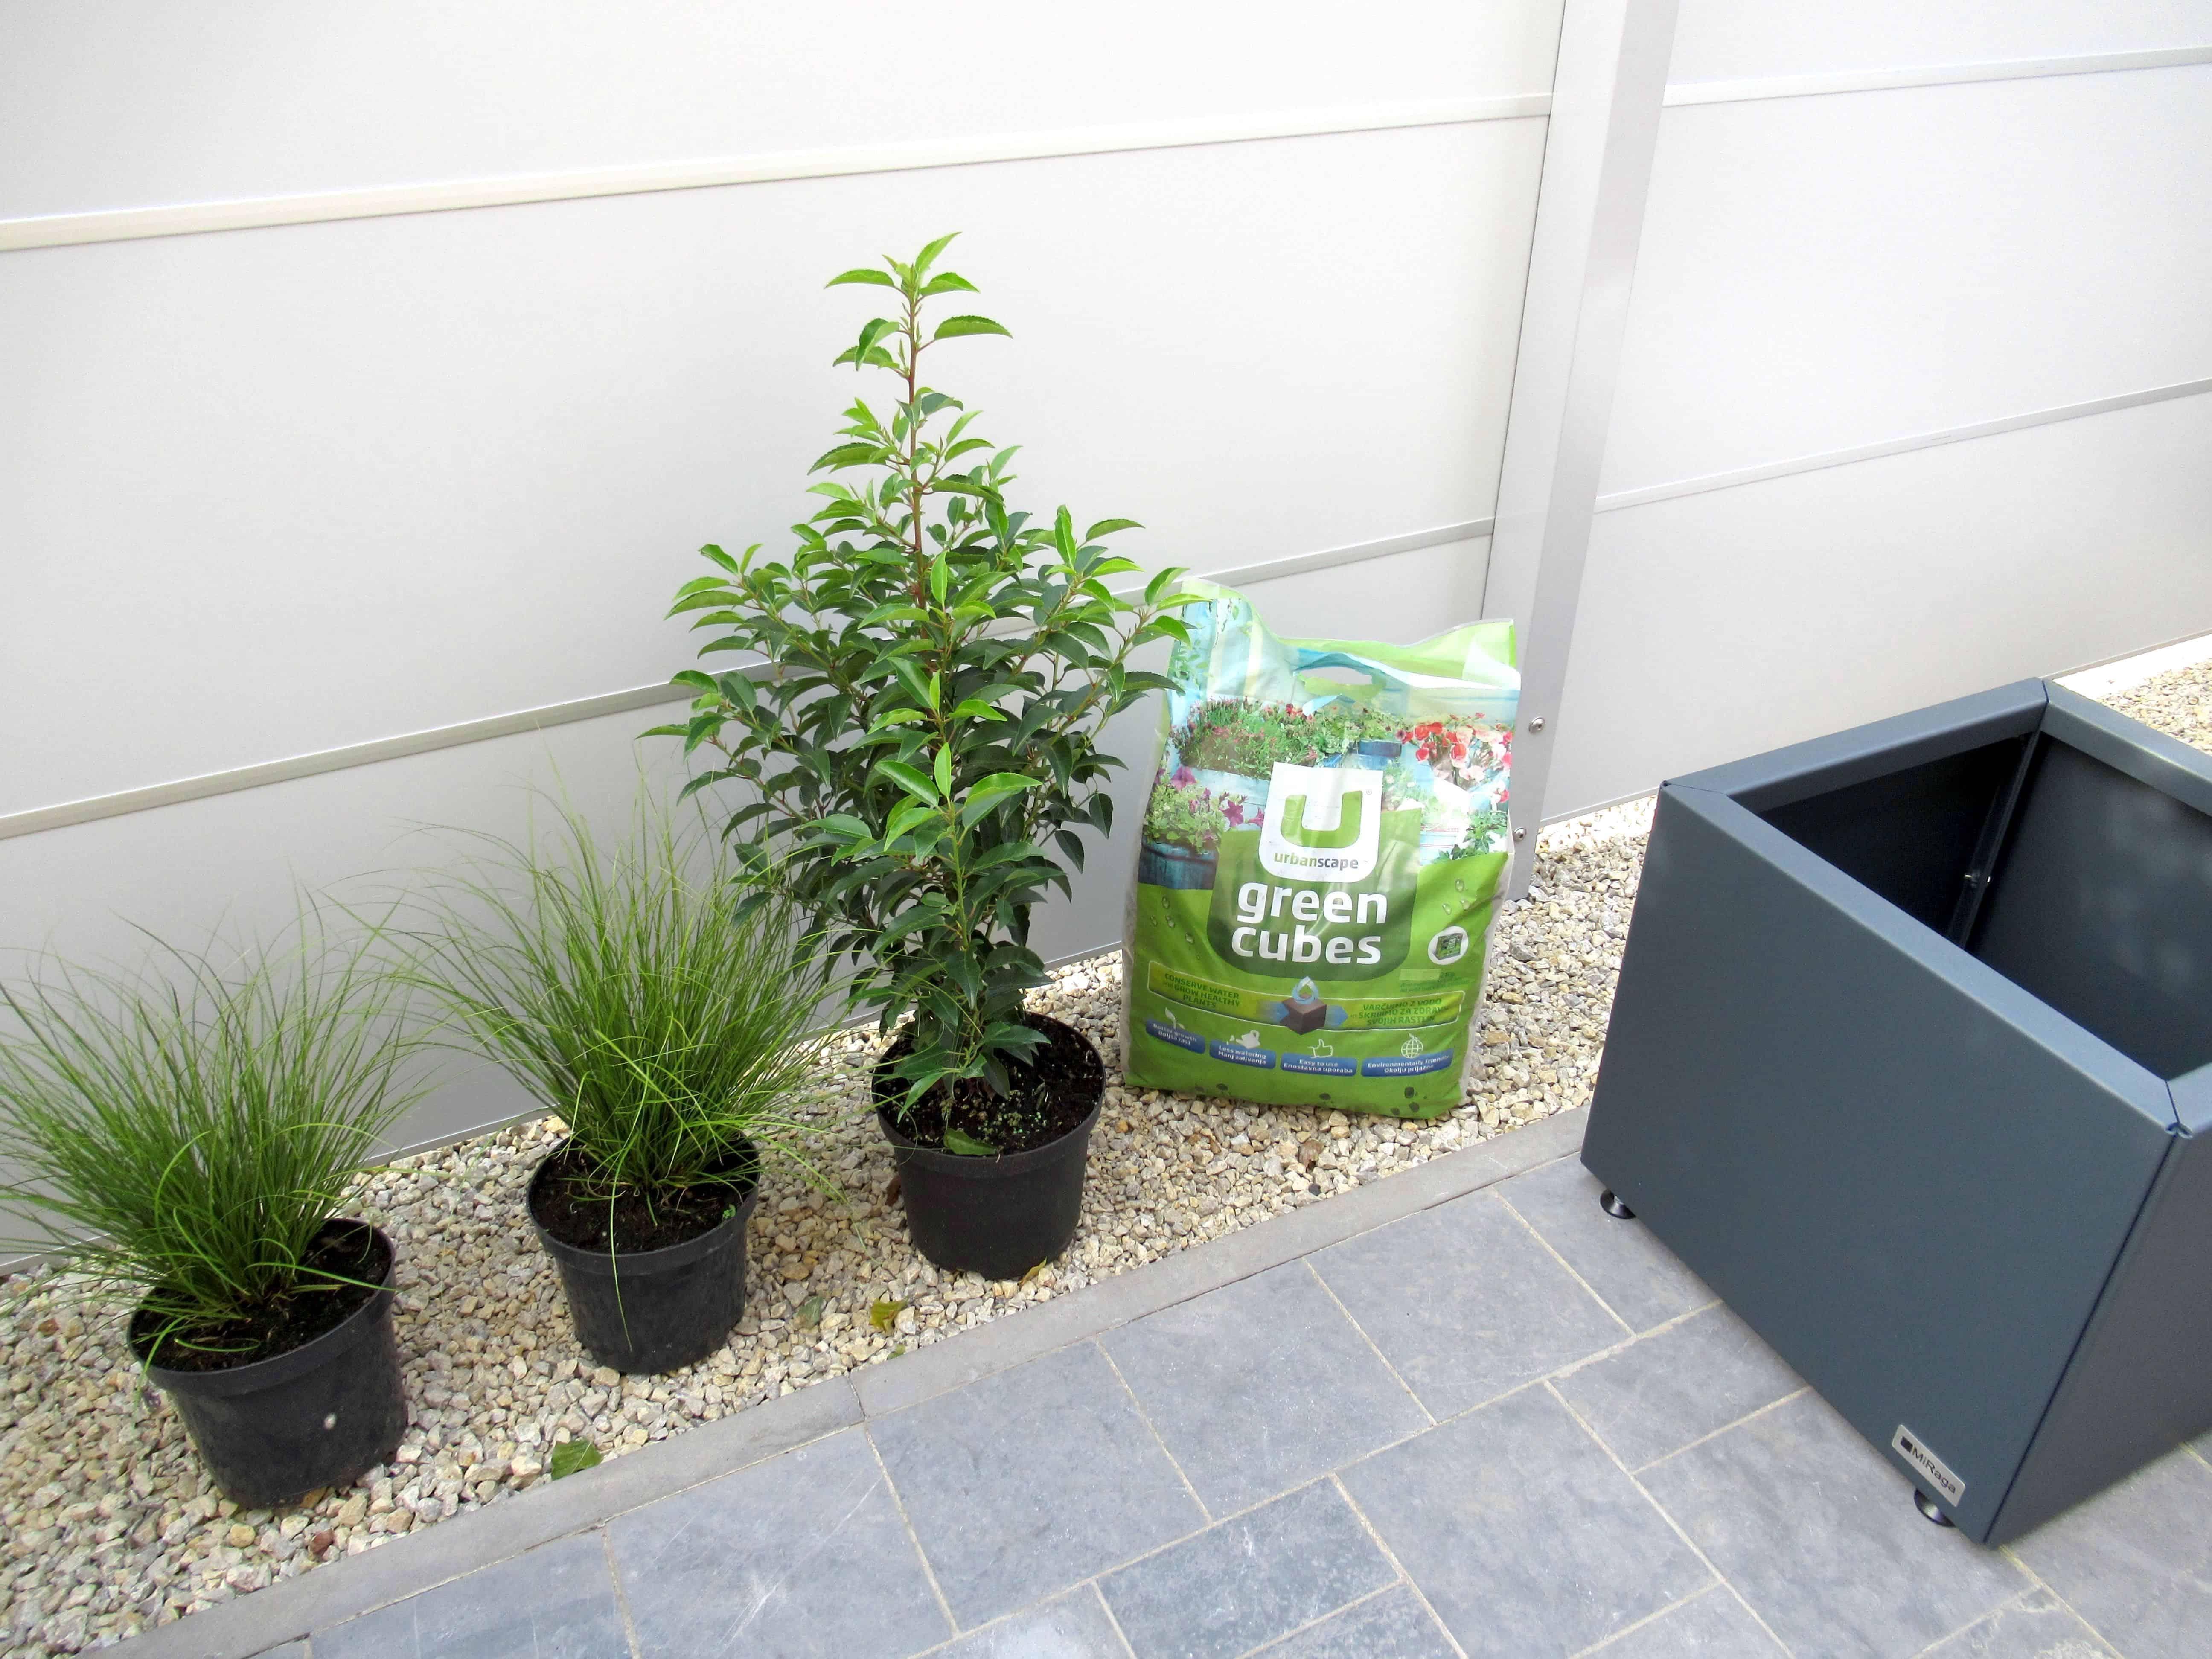 MiGreen Cubes plantjes, bloembak en grondverbeteraar